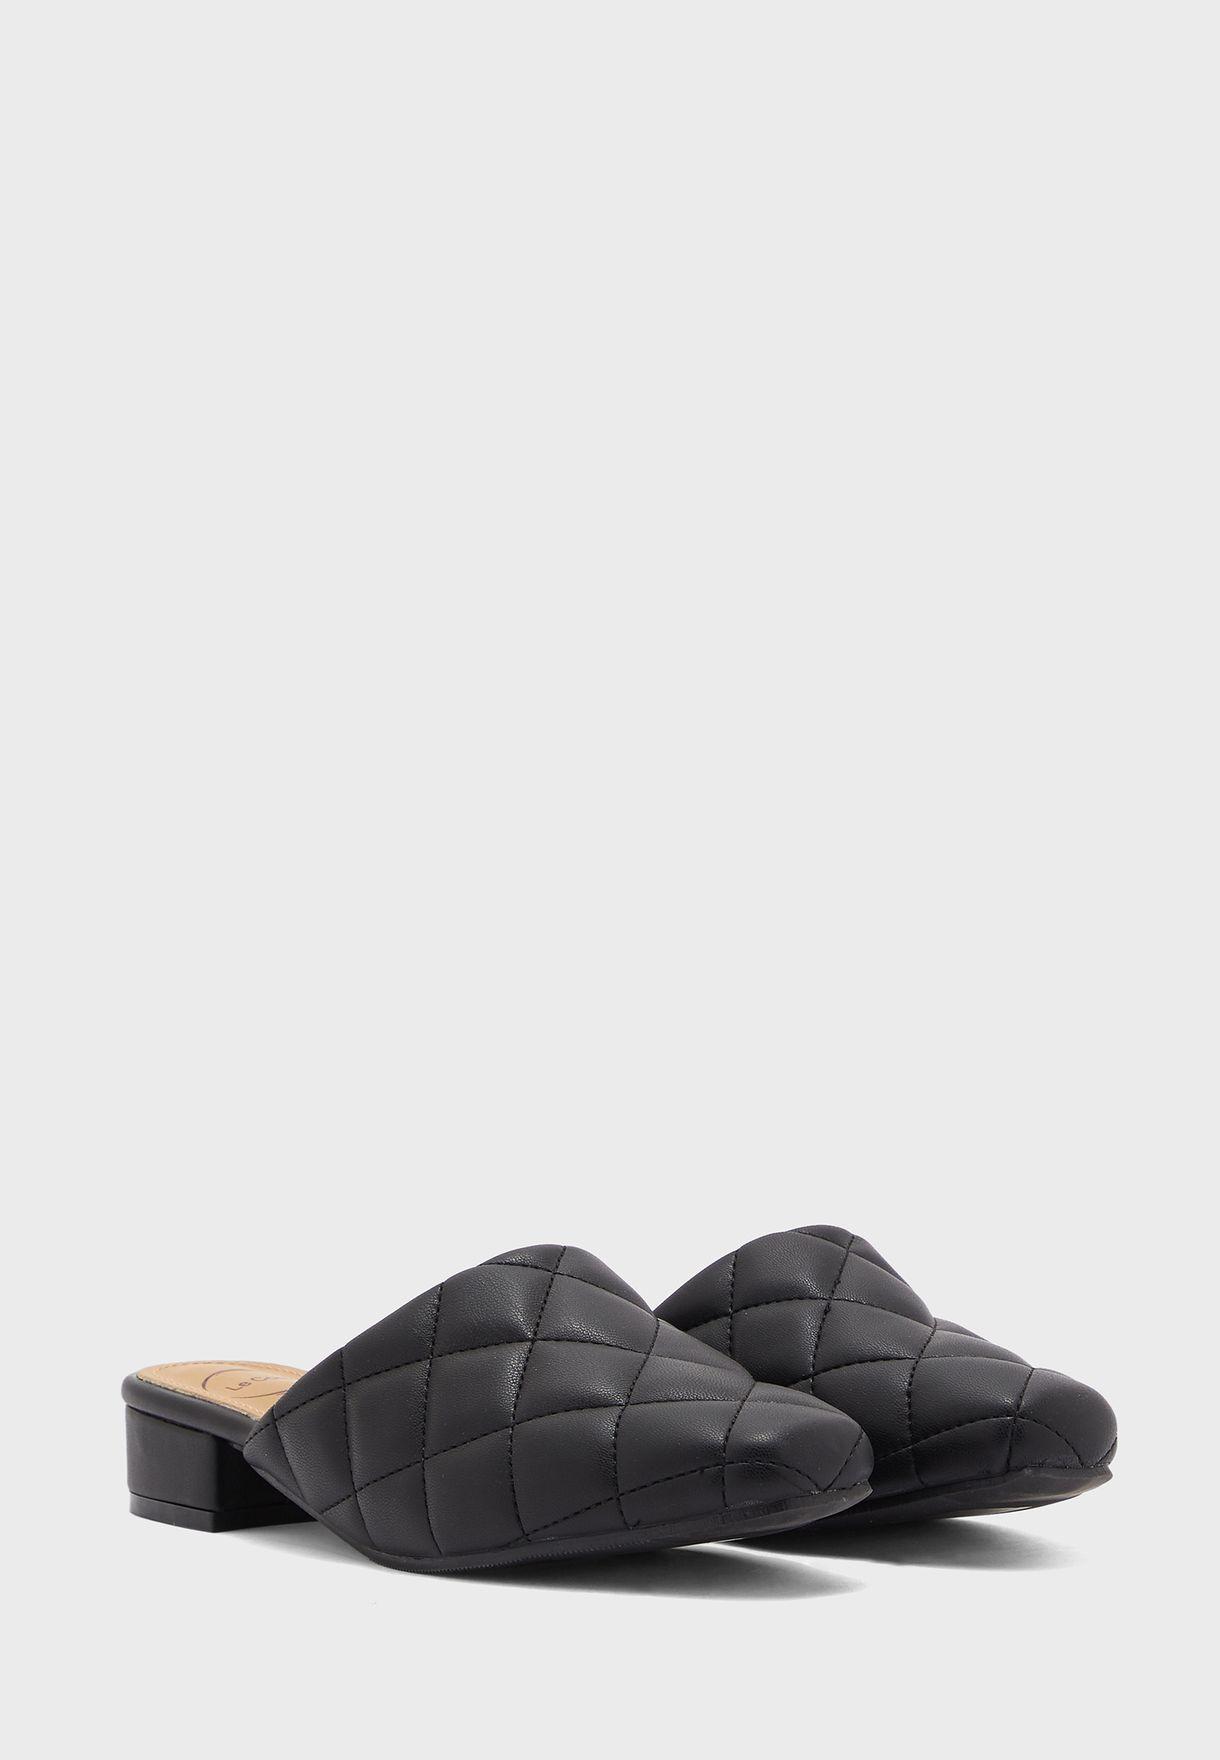 حذاء سهل الارتداء مدروز